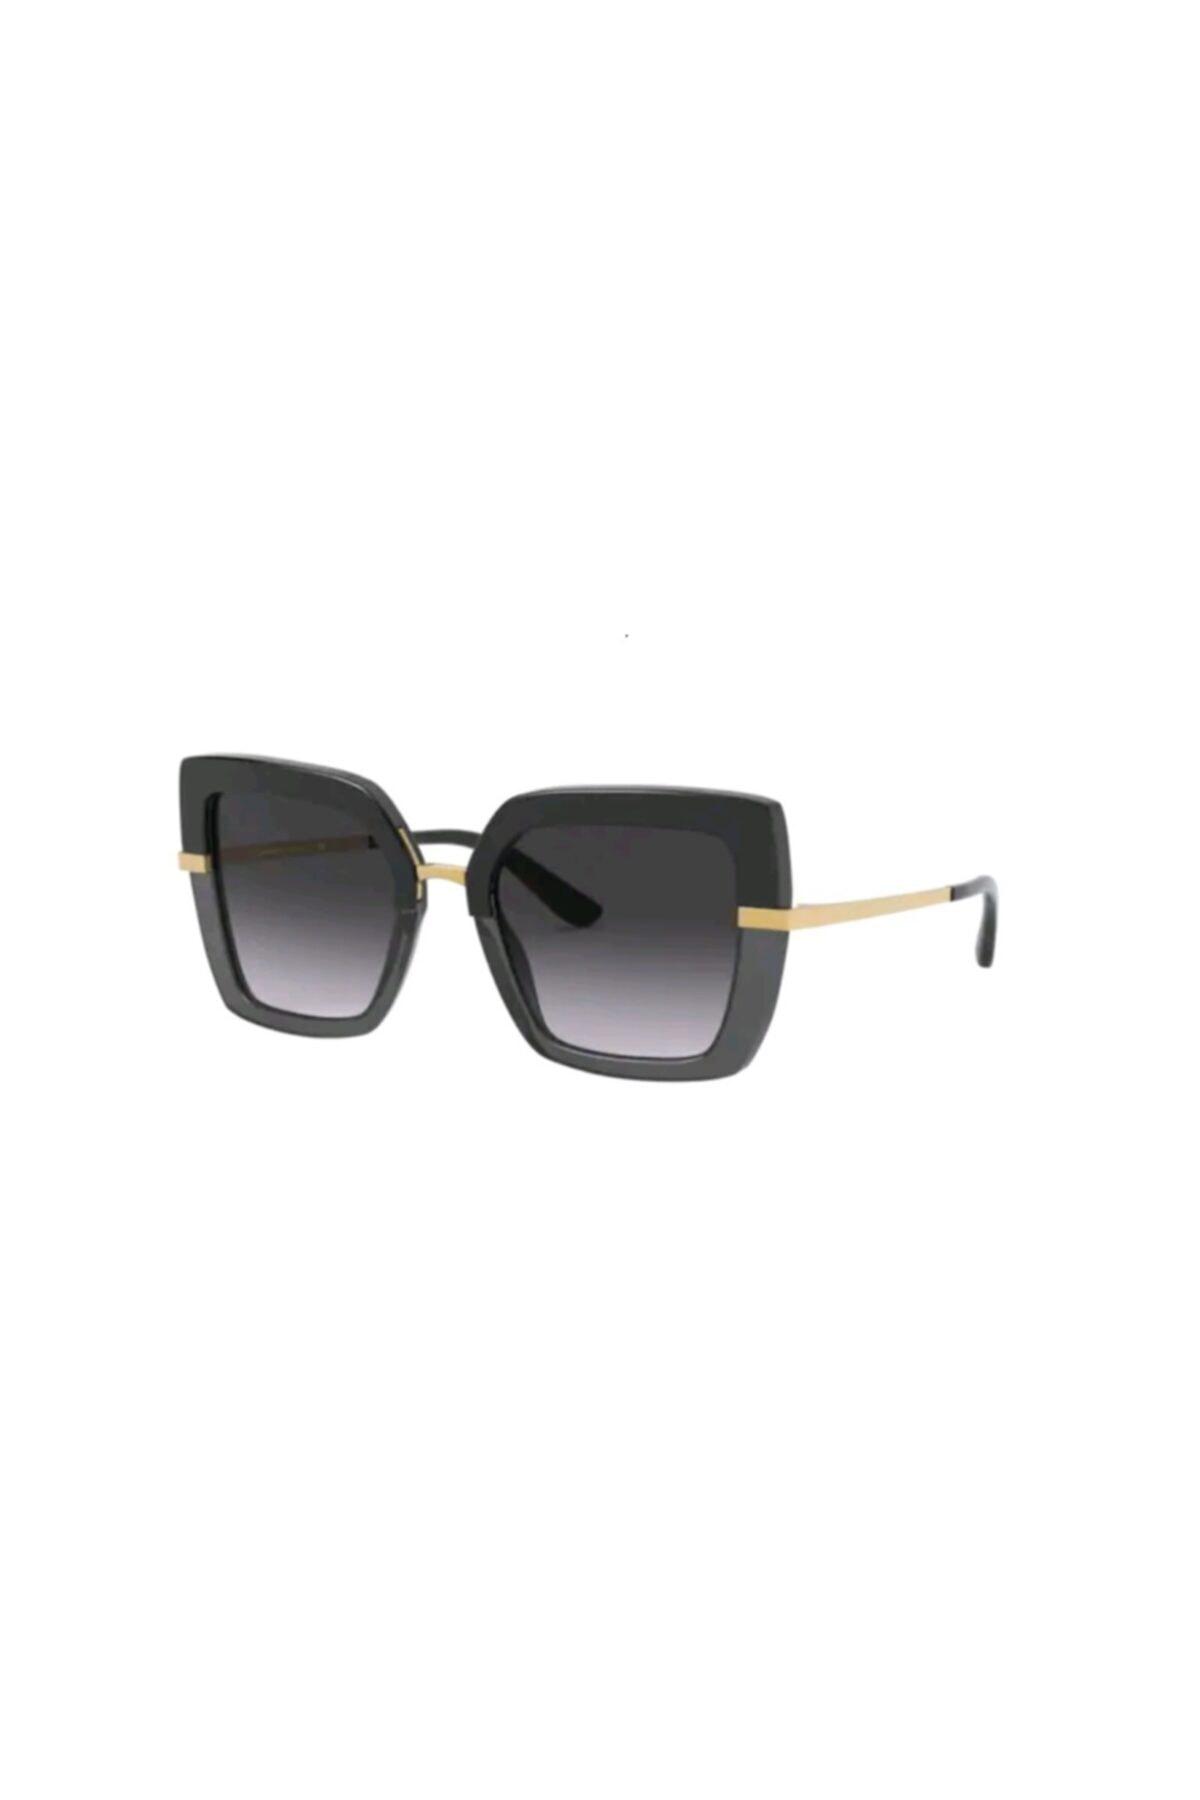 Dolce Gabbana Dg 4373 3246/8g 52-21 Kadın Güneş Gözlüğü 1